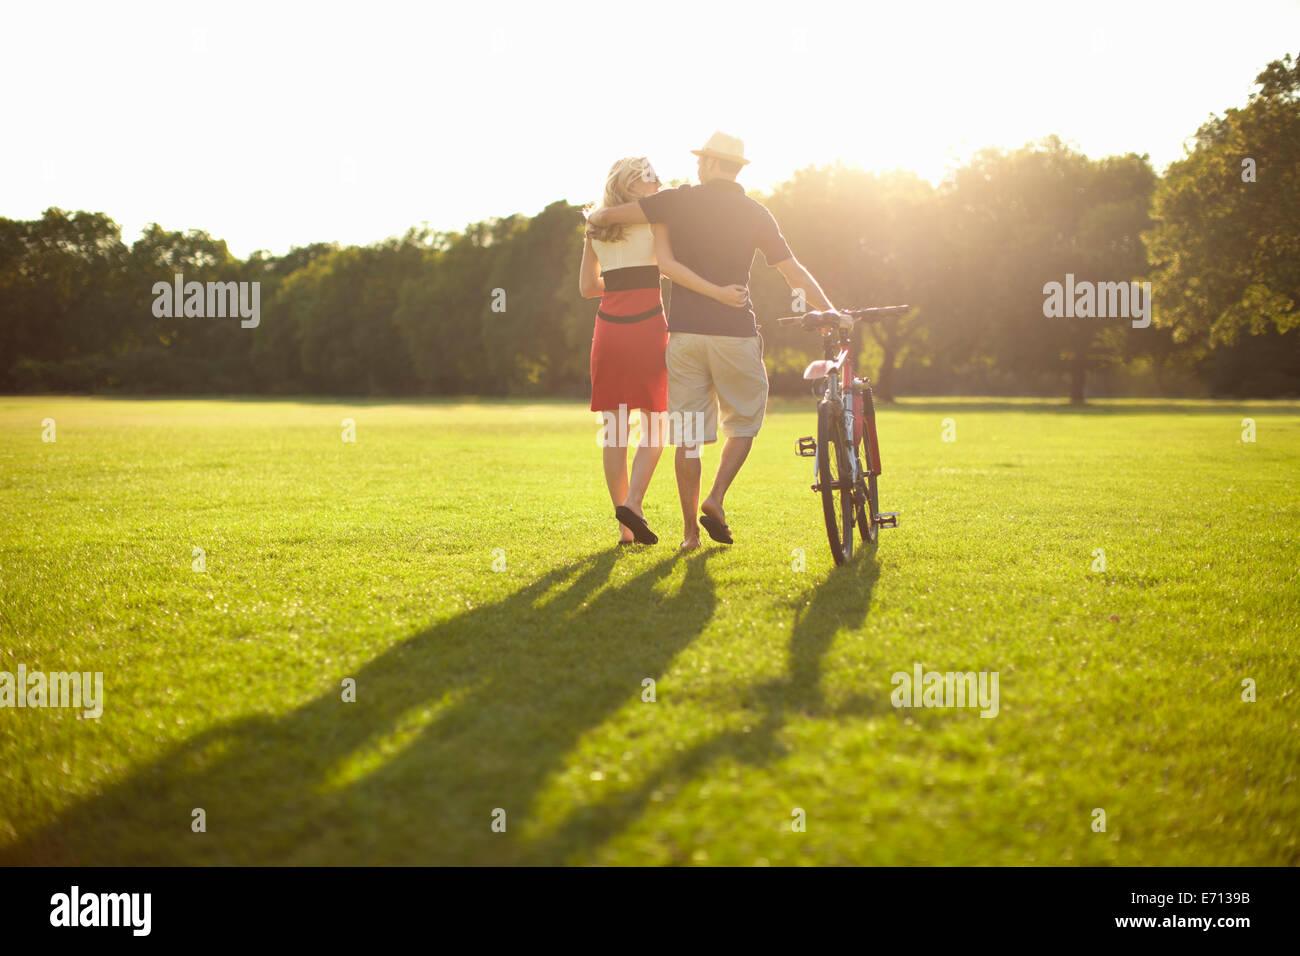 Couple strolling tout en appuyant location in park Banque D'Images